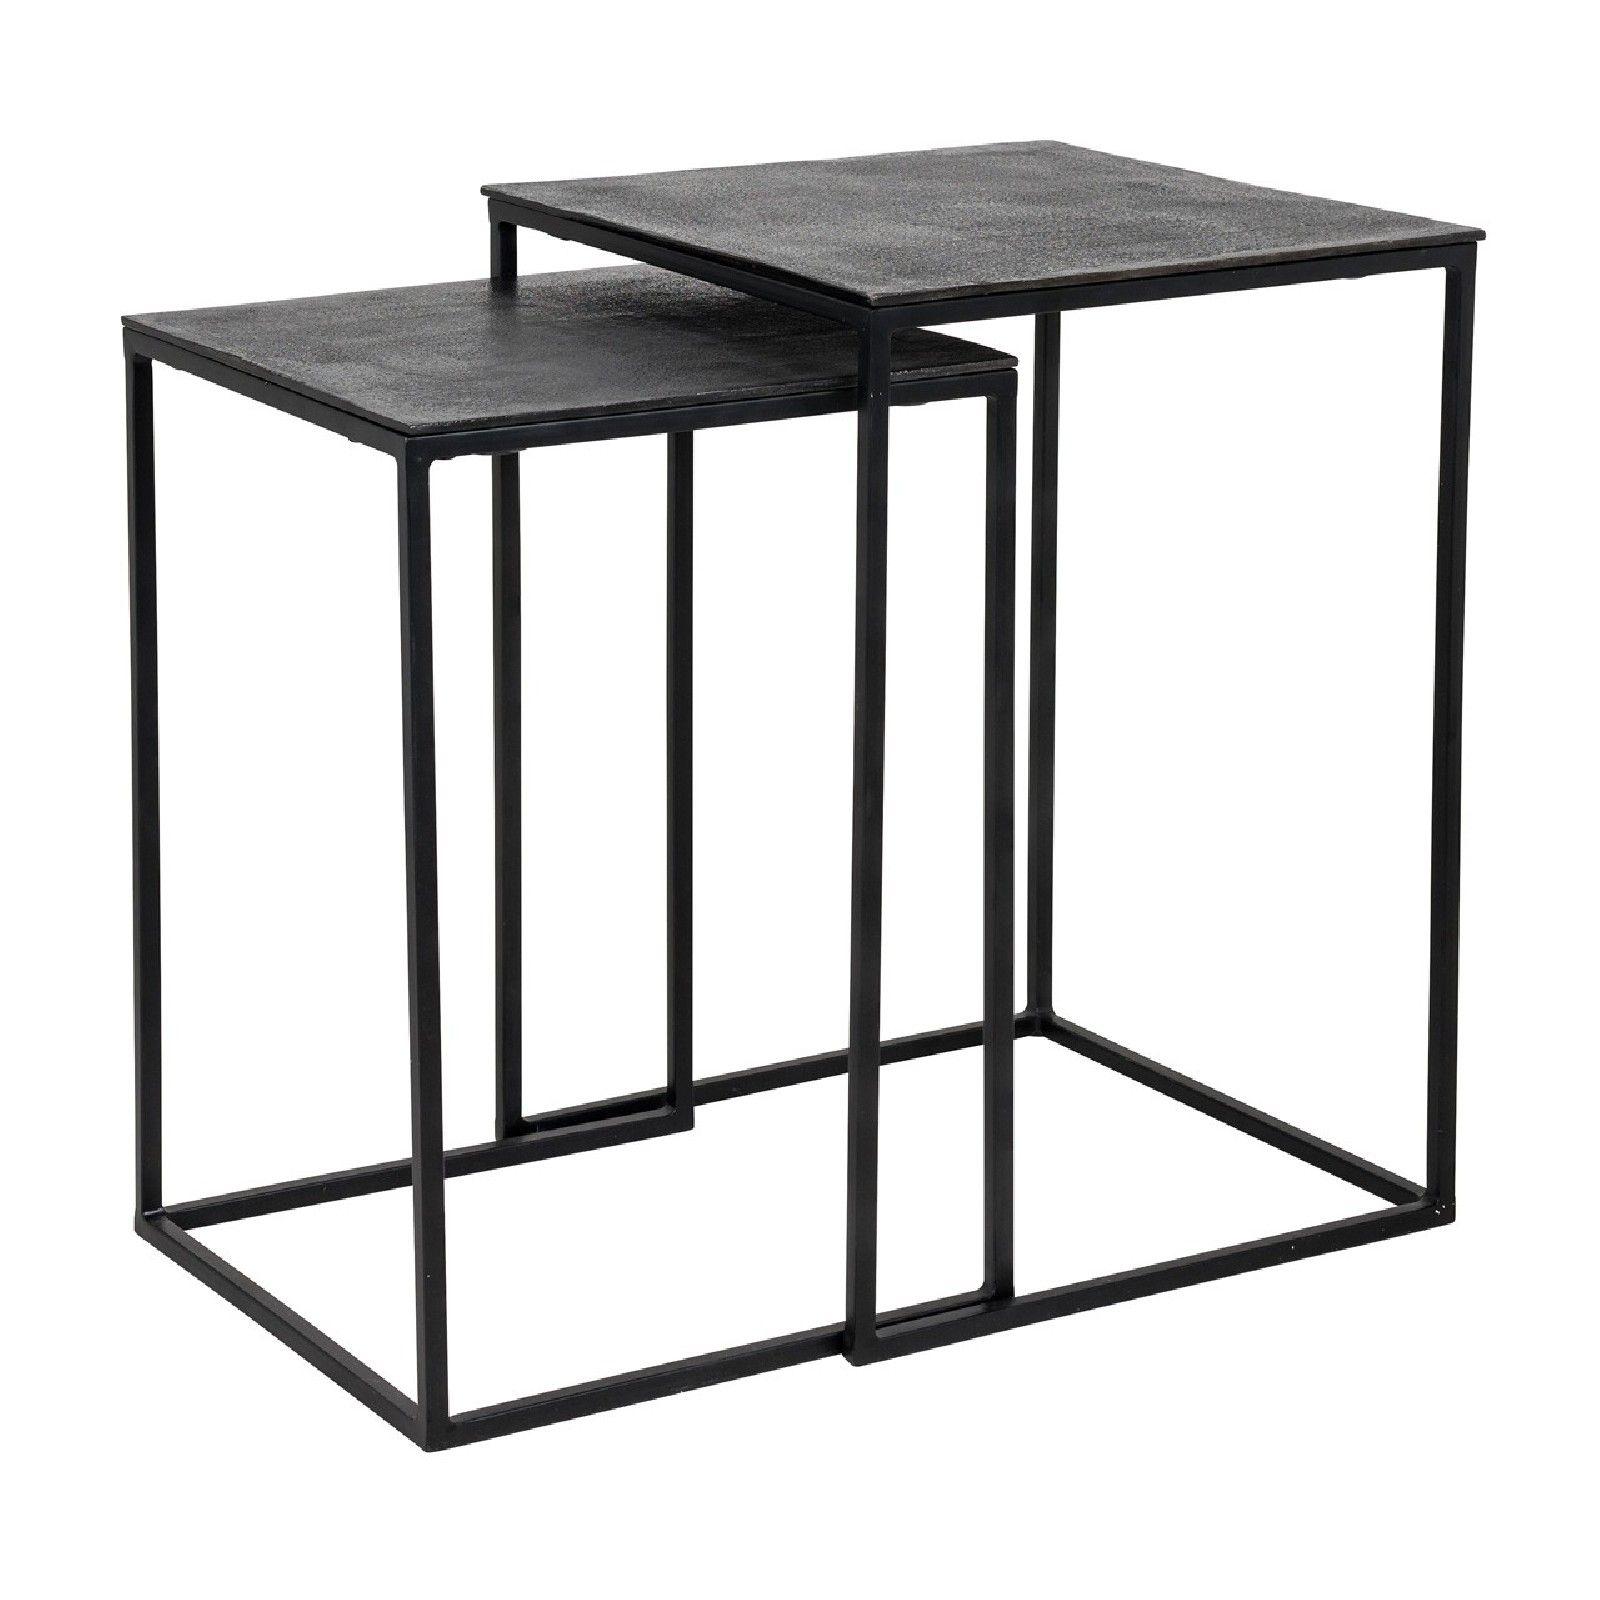 Table Jaysen square set of 2 Meuble Déco Tendance - 156